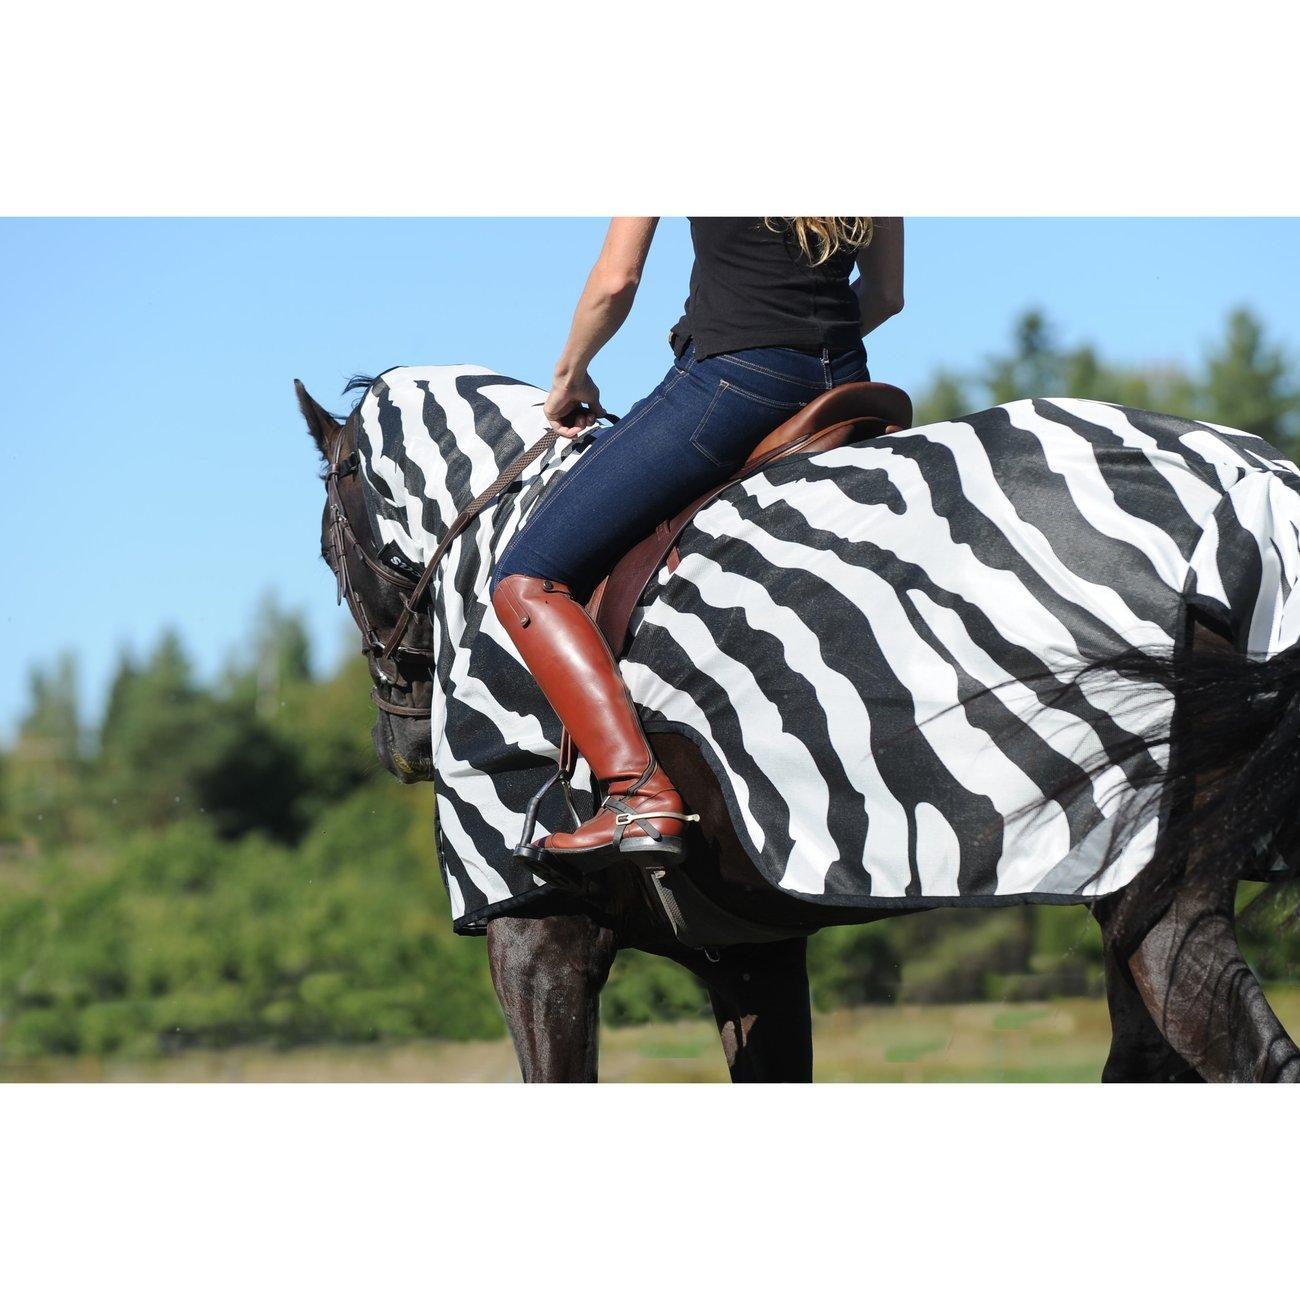 Buzz Off Riding Zebra Ausreitdecke Bild 3